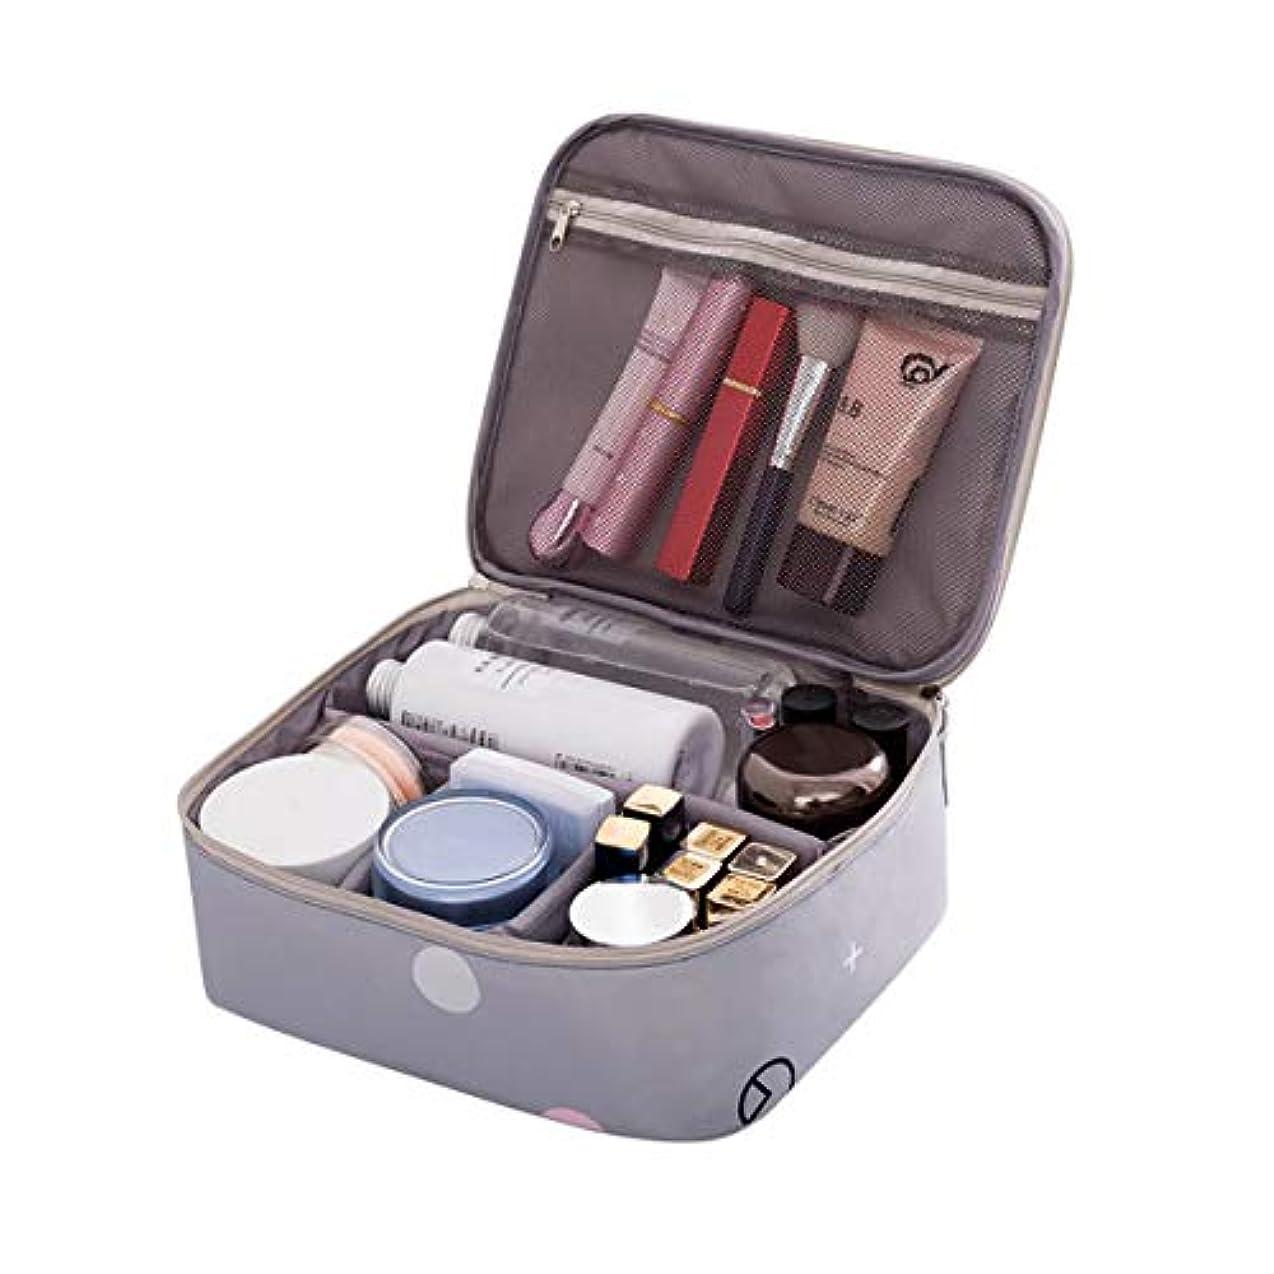 意味のあるどうやら配管工Coolzon化粧ポーチ 防水 機能的 大容量 化粧バッグ 軽量 化粧品収納 メイクボックス 折畳式 可愛い 旅行 出張( グレー)